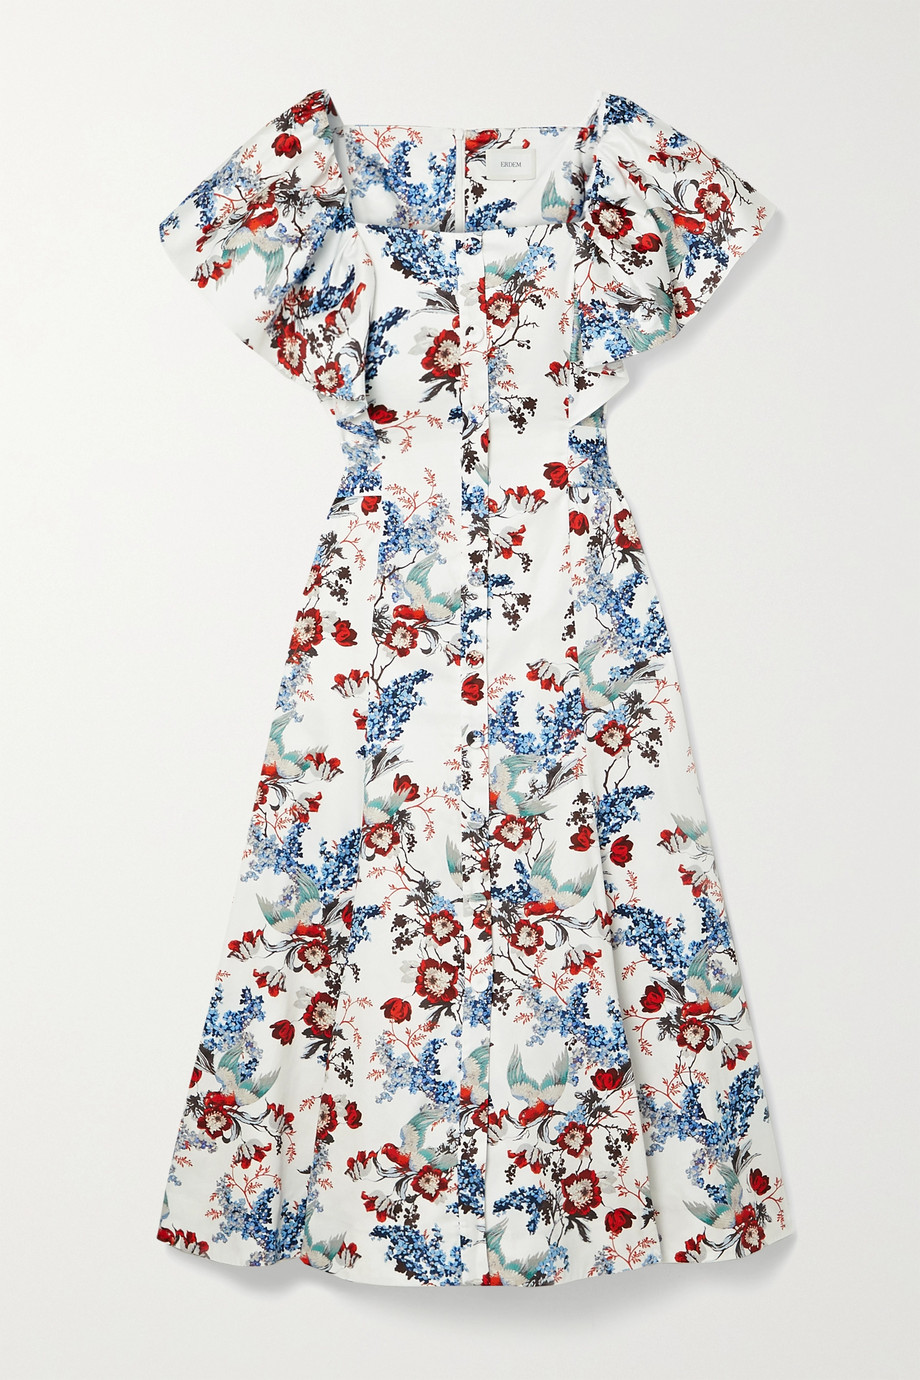 Erdem Maudie Midikleid aus bedruckter Baumwollpopeline mit Bindegürtel